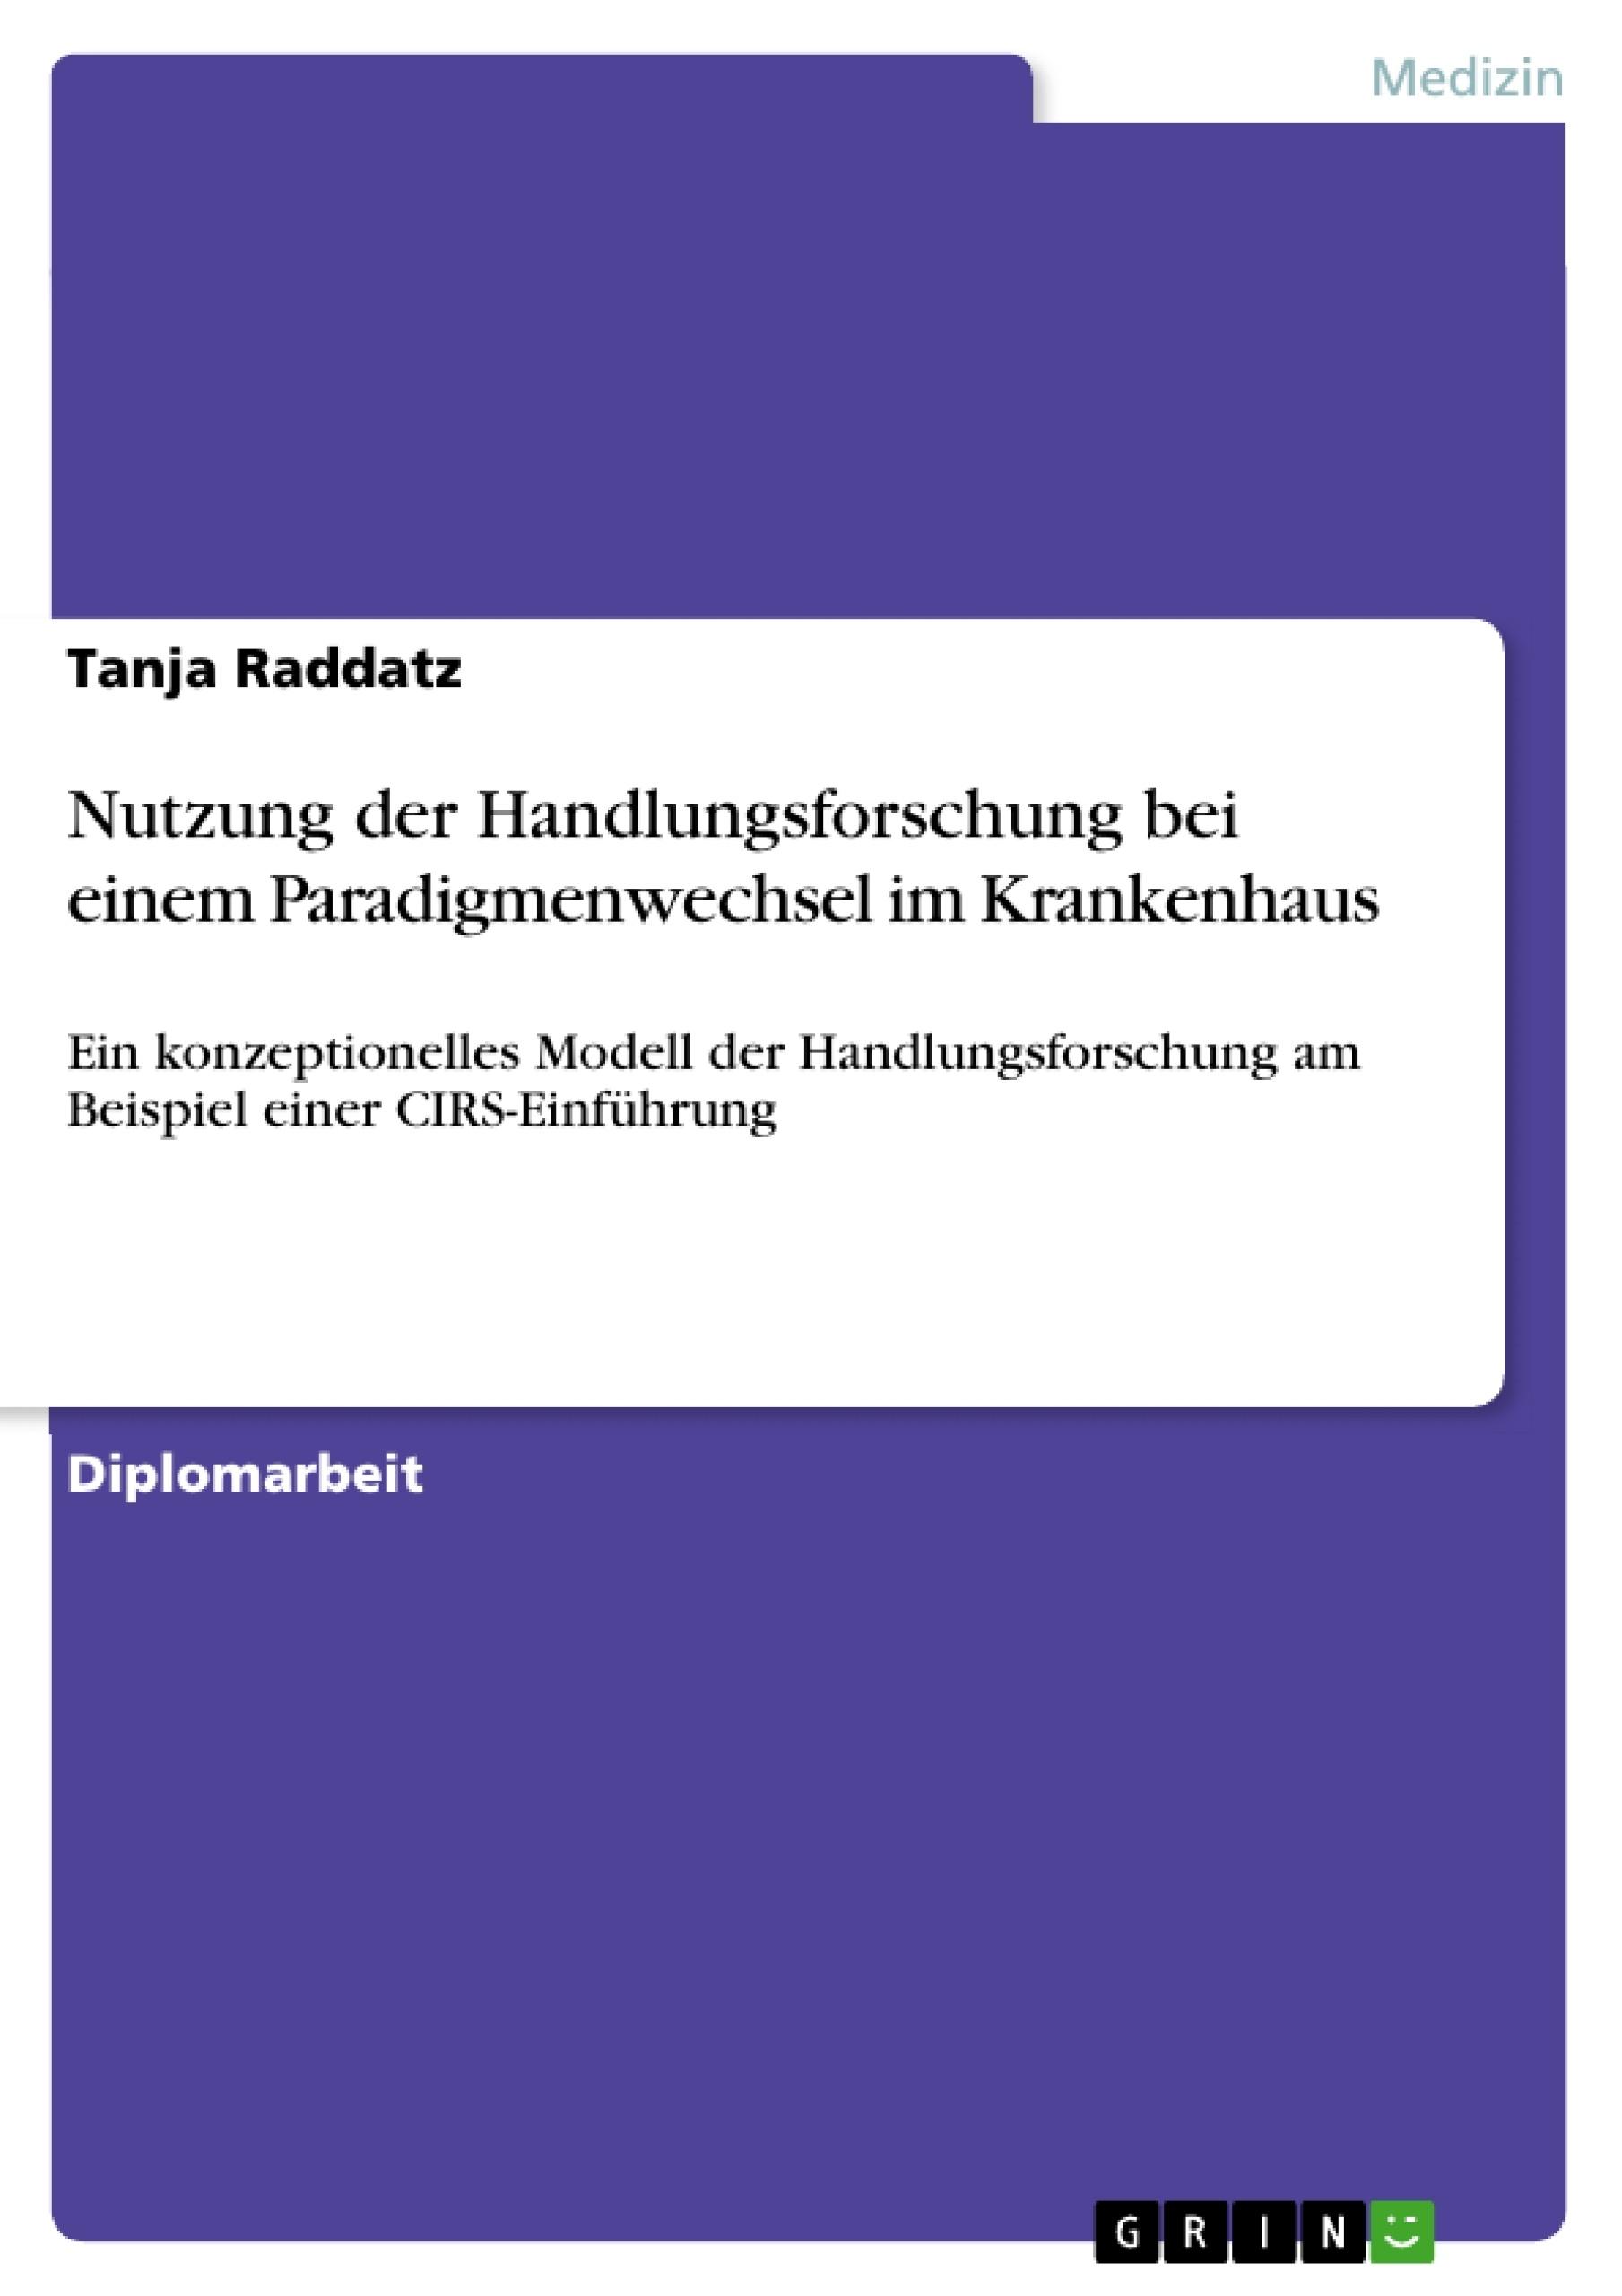 Titel: Nutzung der Handlungsforschung bei einem Paradigmenwechsel im Krankenhaus